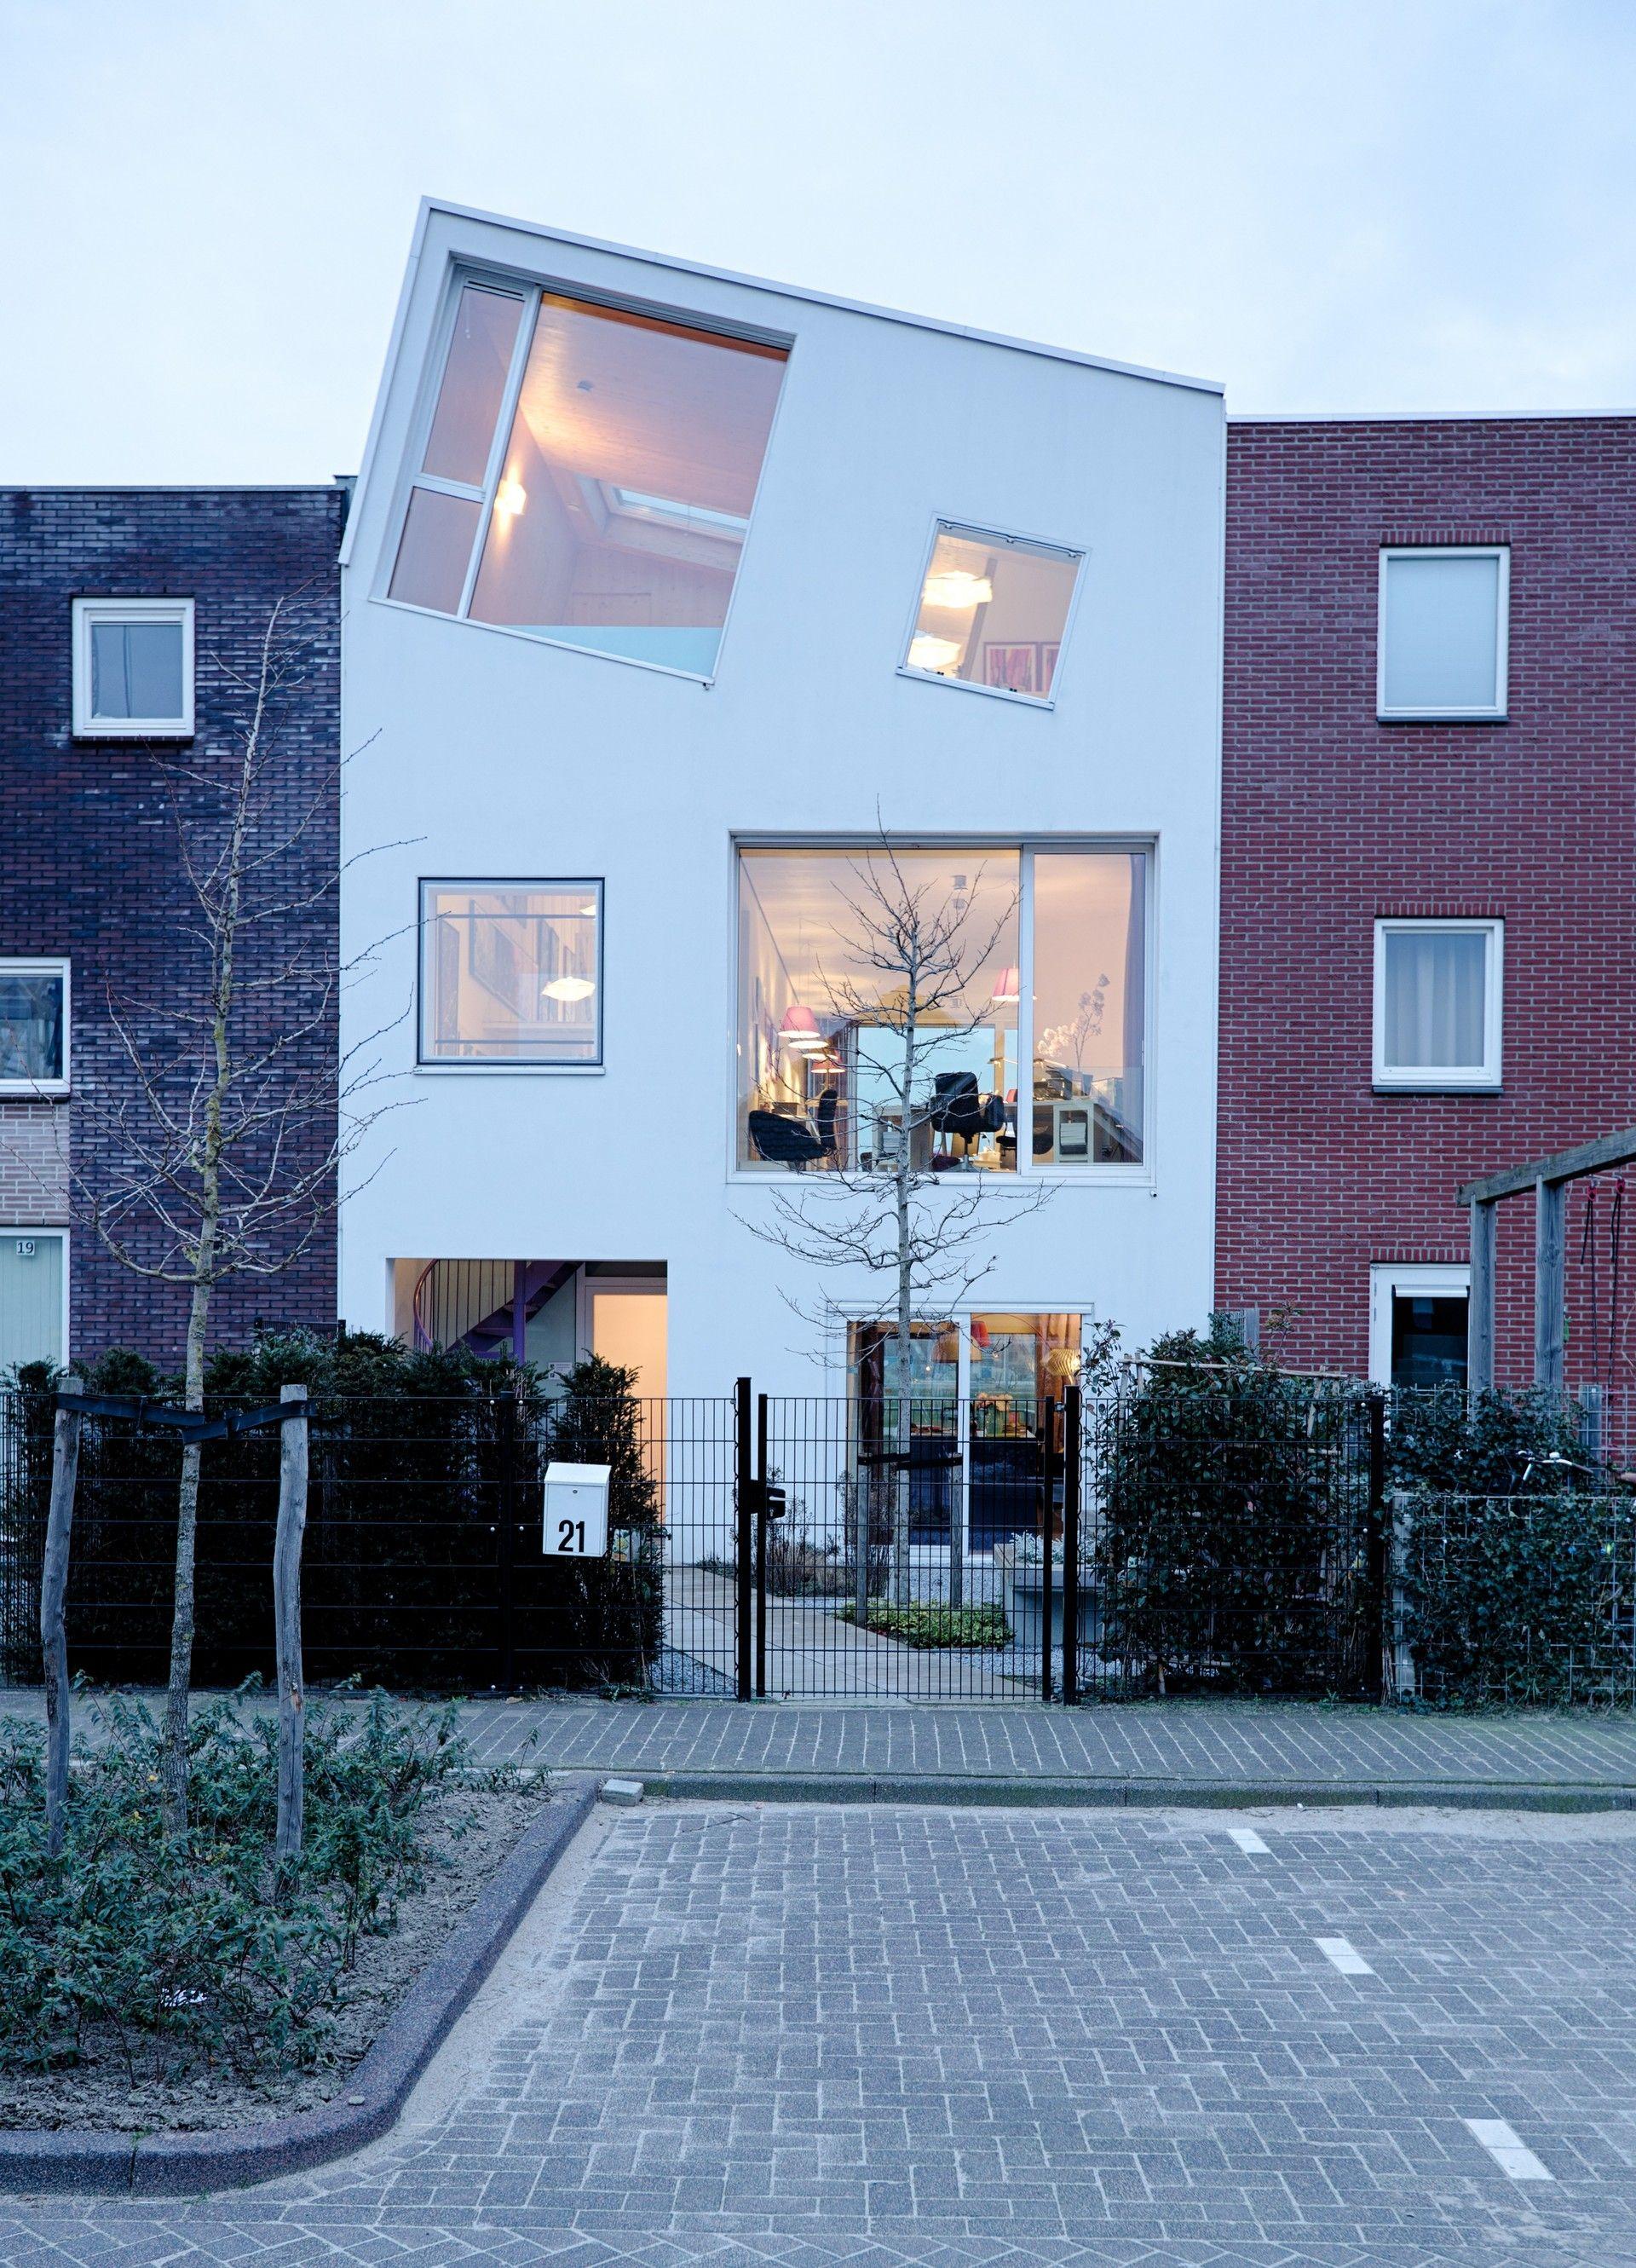 http://us.archello.com/en/project/house-house-7